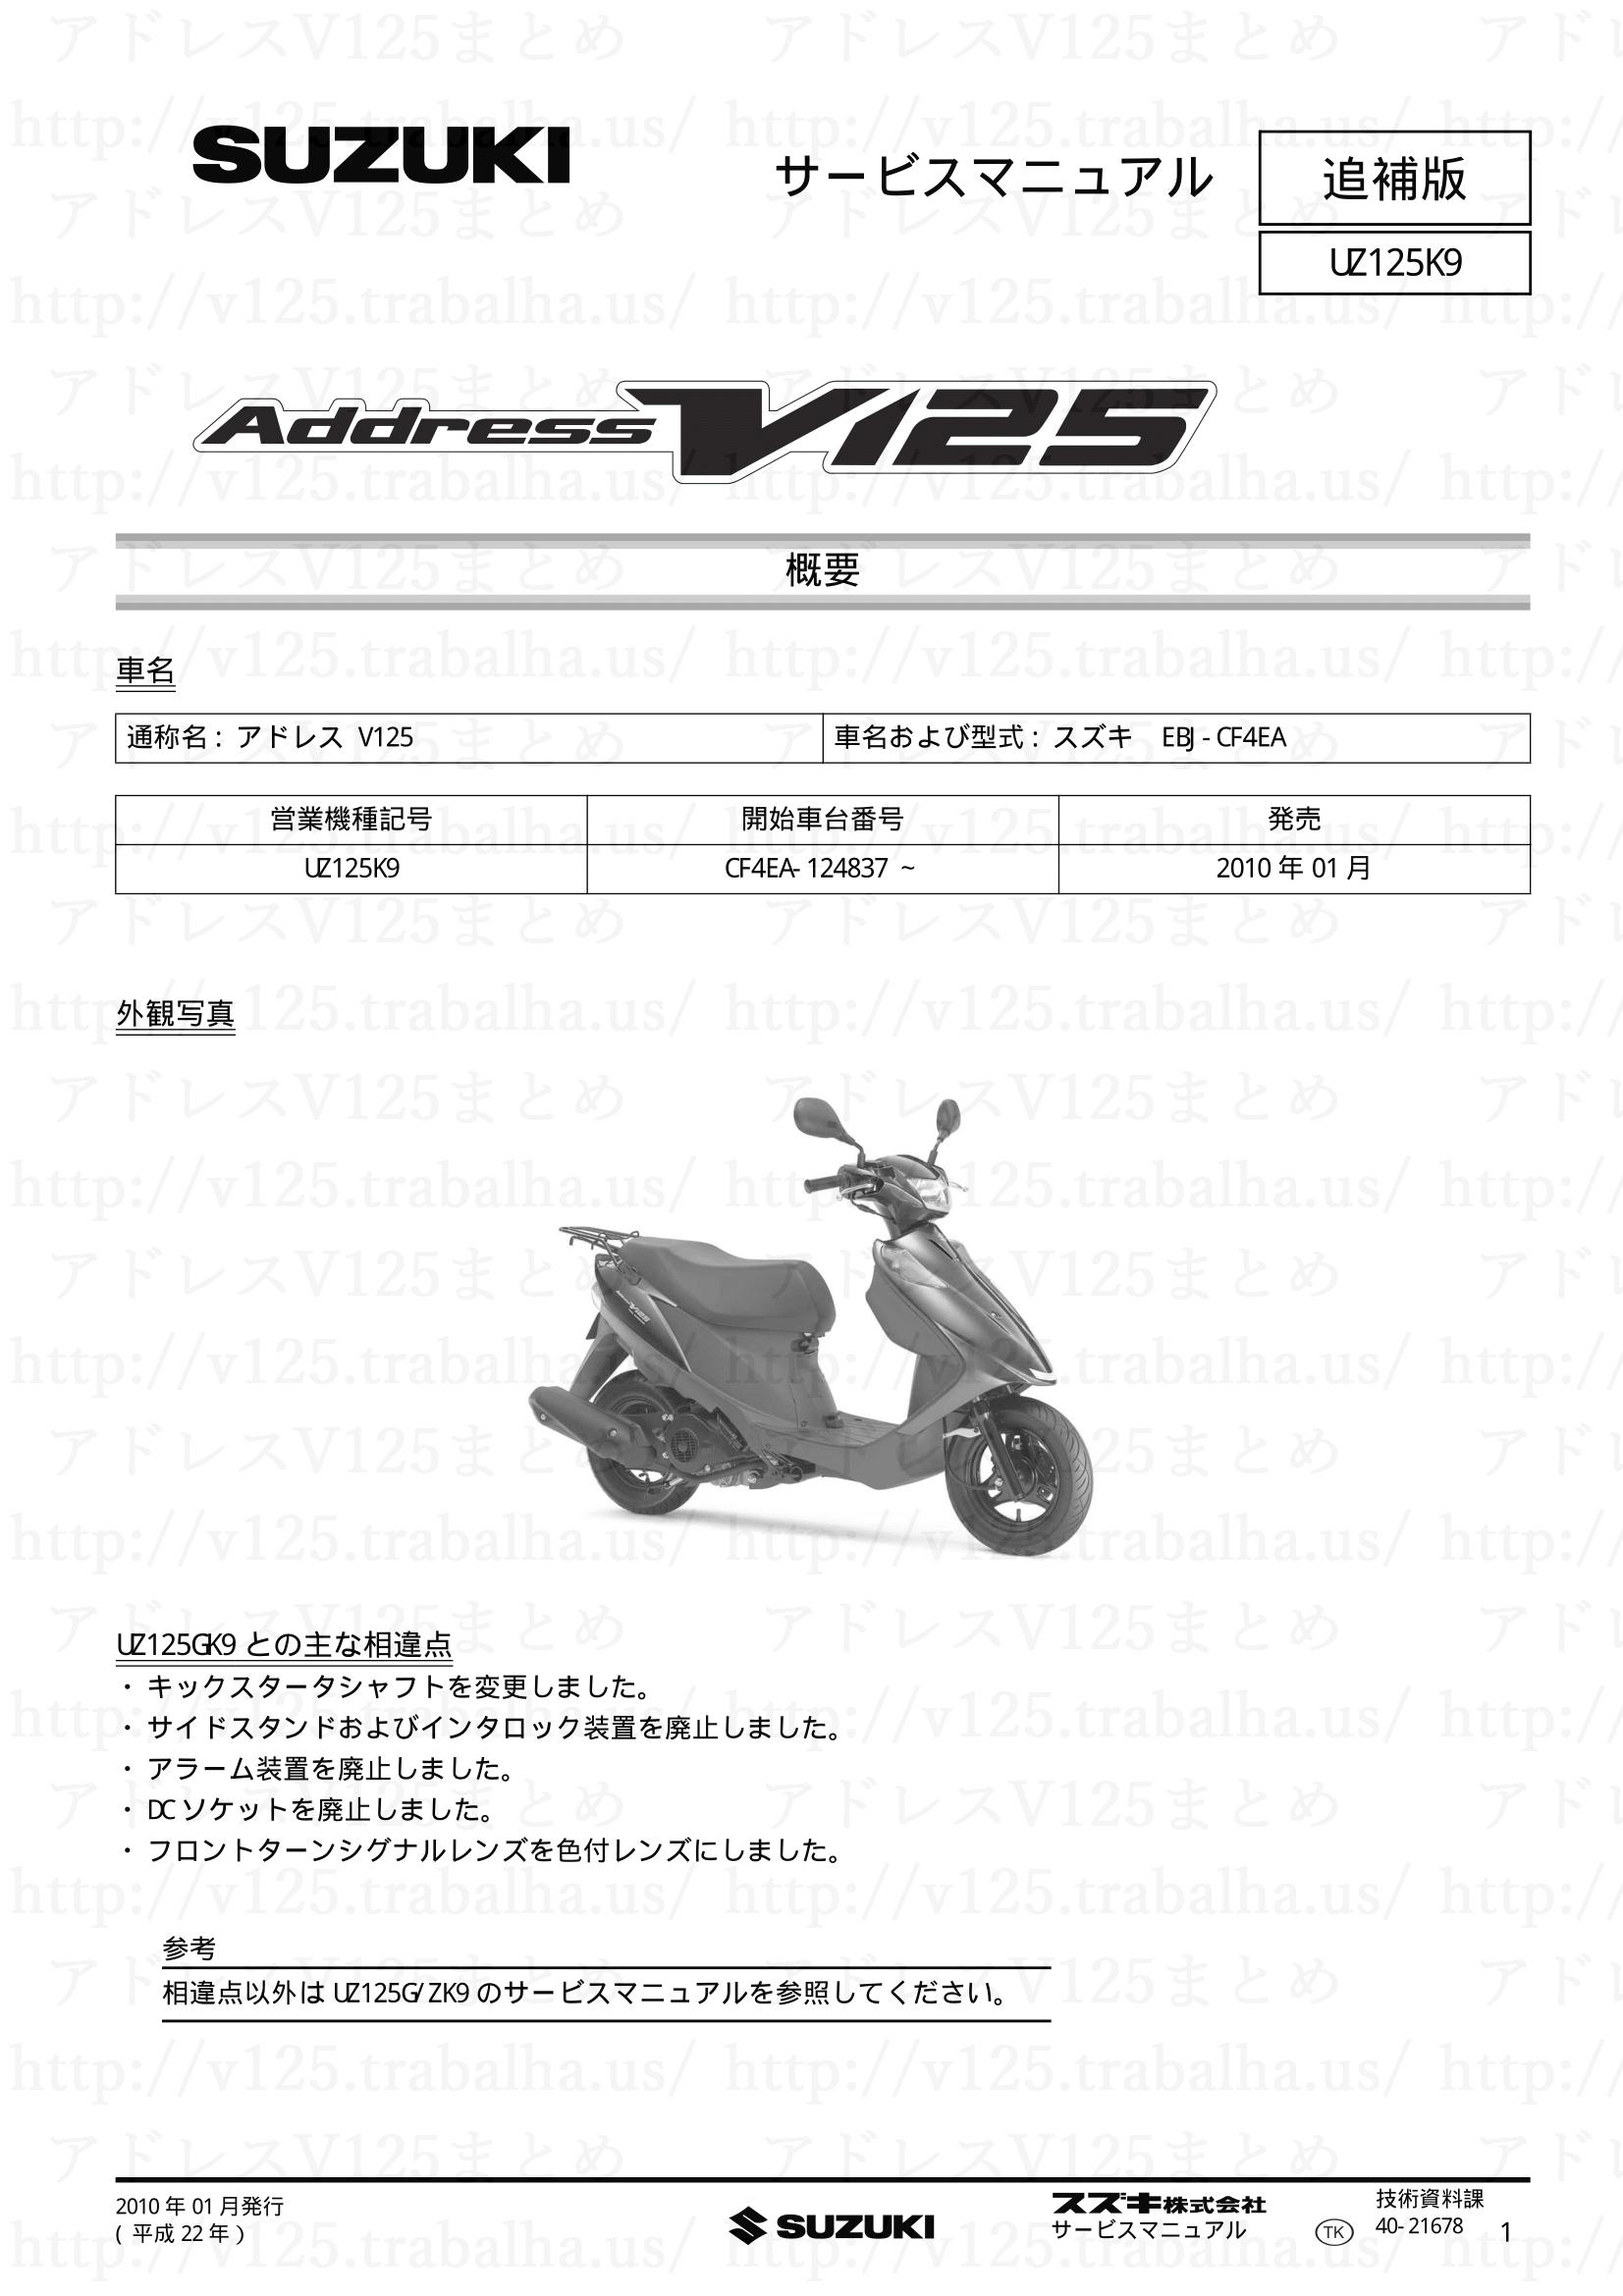 追補【UZ125K9】旧モデルとの主な相違点1